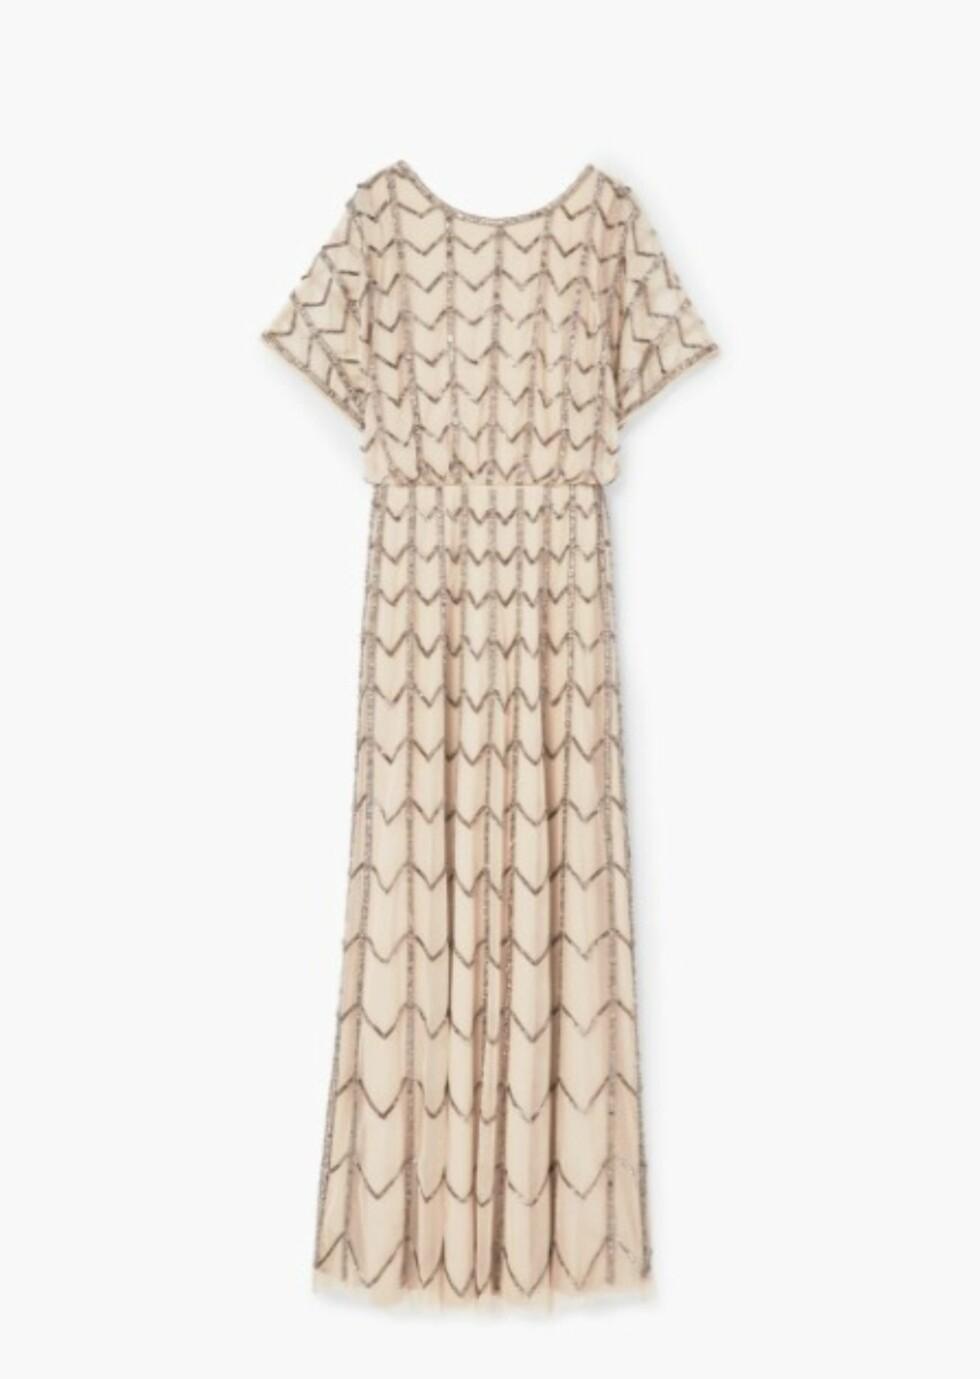 Kjole fra Mango |2000,-| https://shop.mango.com/no/damer/kjoler-lang/tyllkjole-med-paljetter_13030271.html?c=90&n=1&s=prendas.familia;32.dresses32;Largos&ts=1513092419604